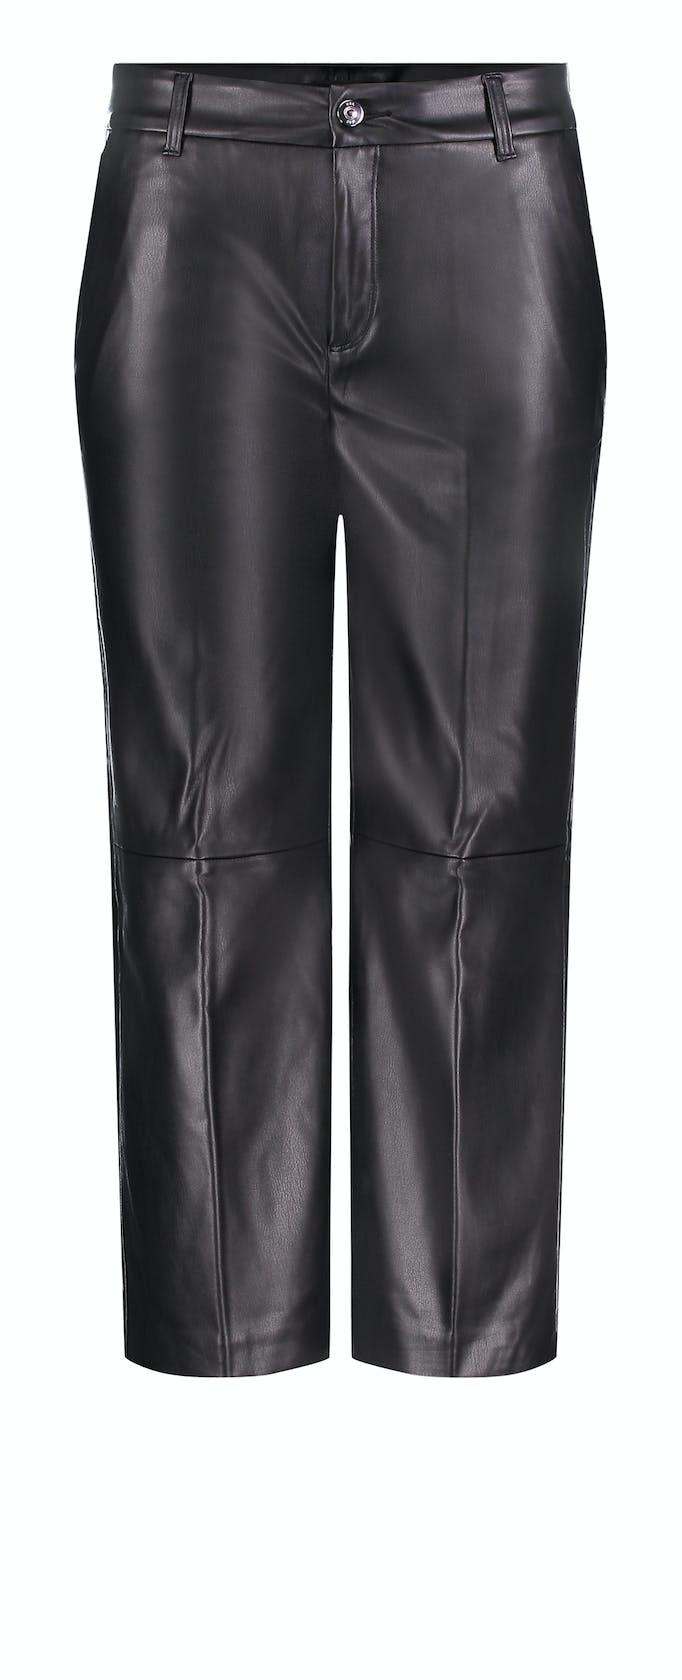 schwarze, weite Hose aus Lederimitat von Mac